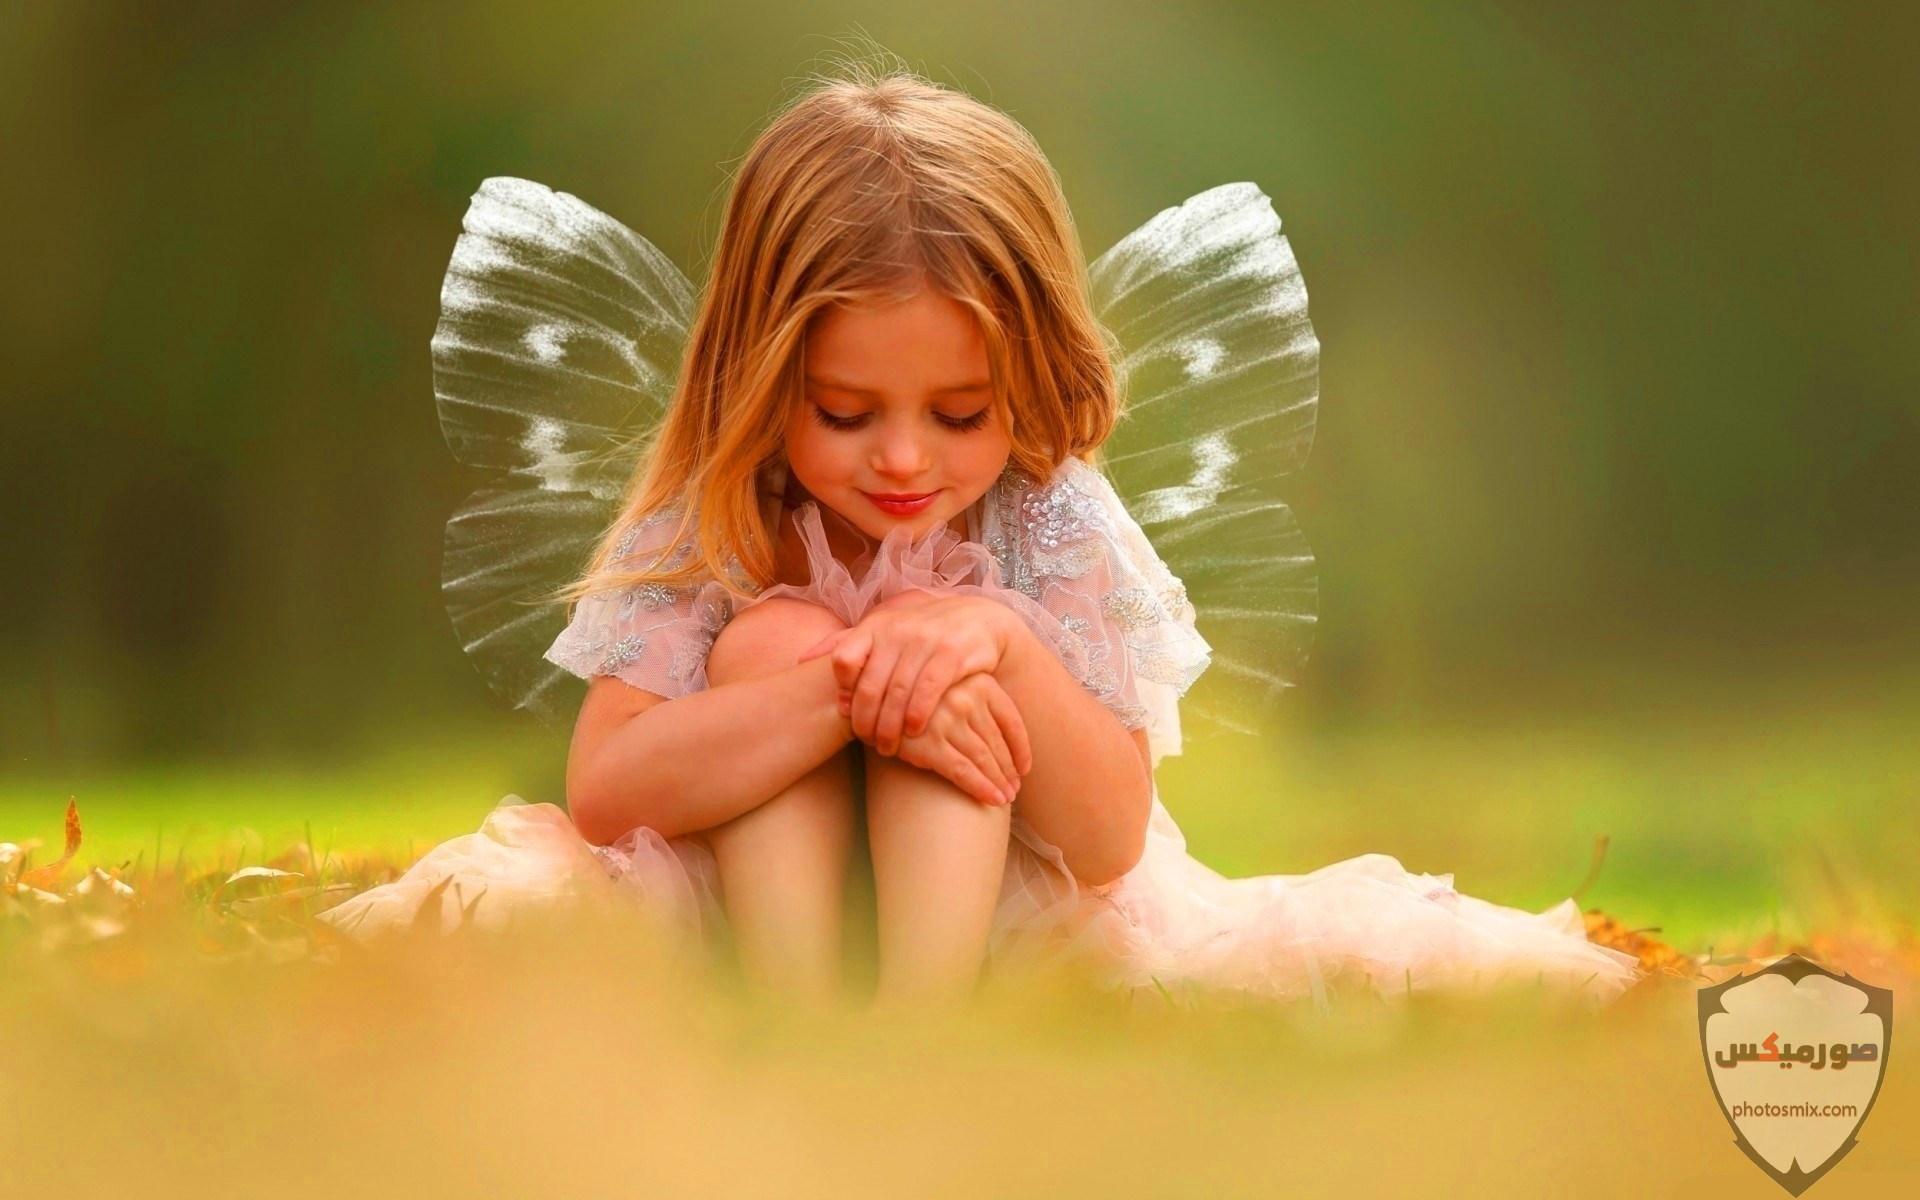 صور اطفال 2021 تحميل اكثر من 100 صور اطفال جميلة صور اطفال روعة 2020 42 1